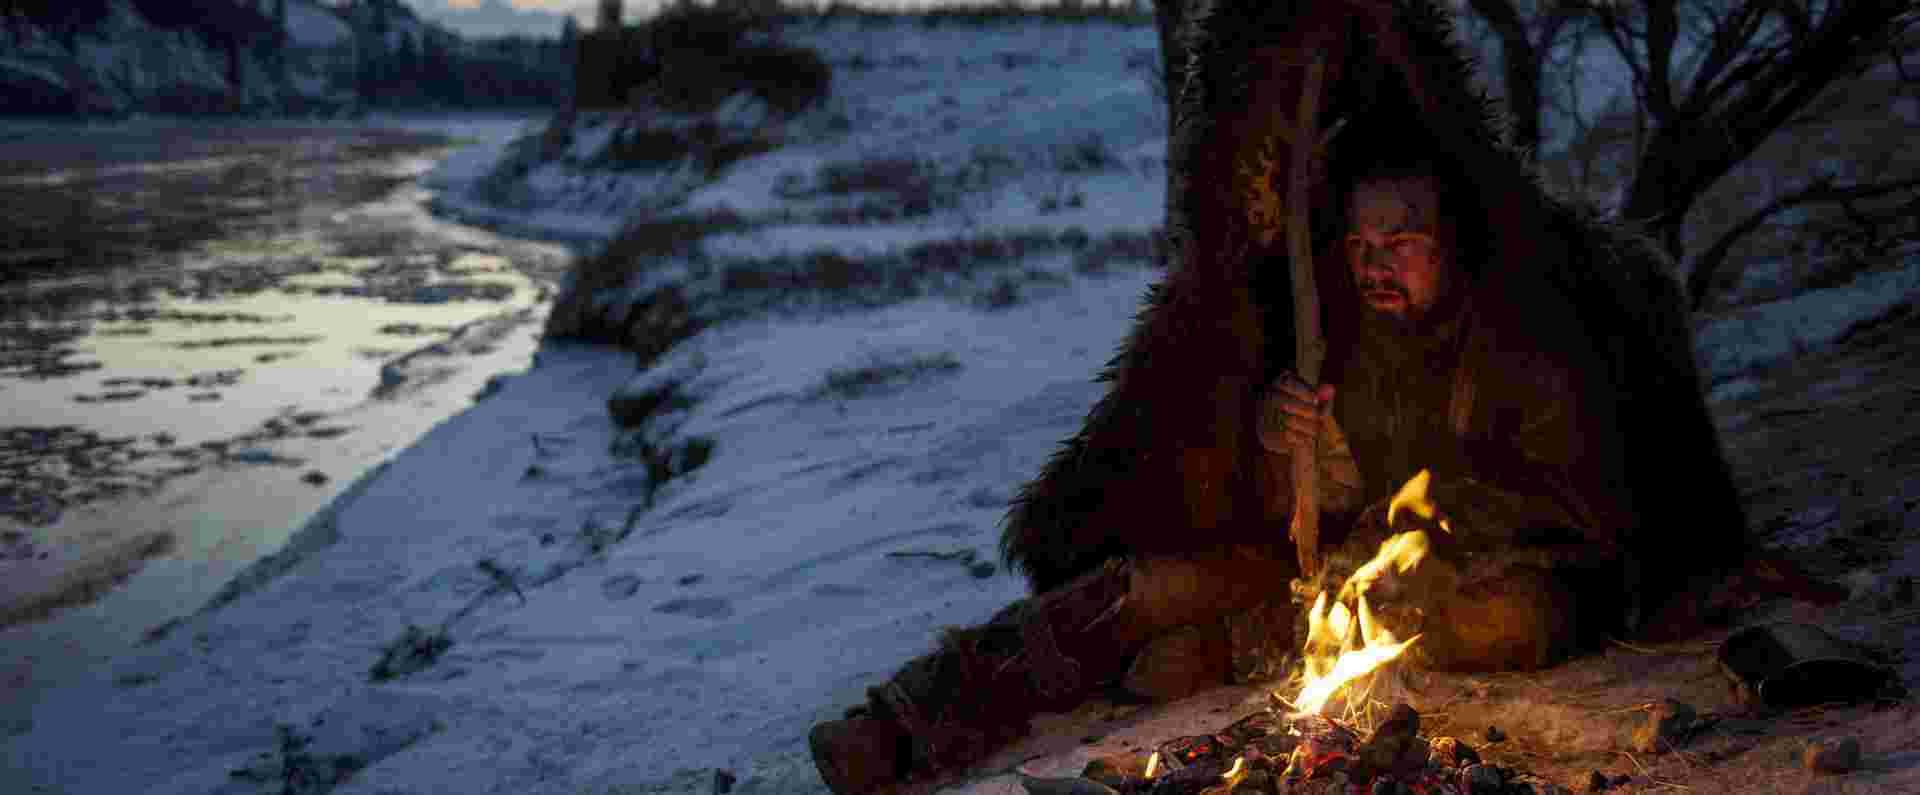 Що допомогло Г'ю Глассу вижити? — погляд психолога